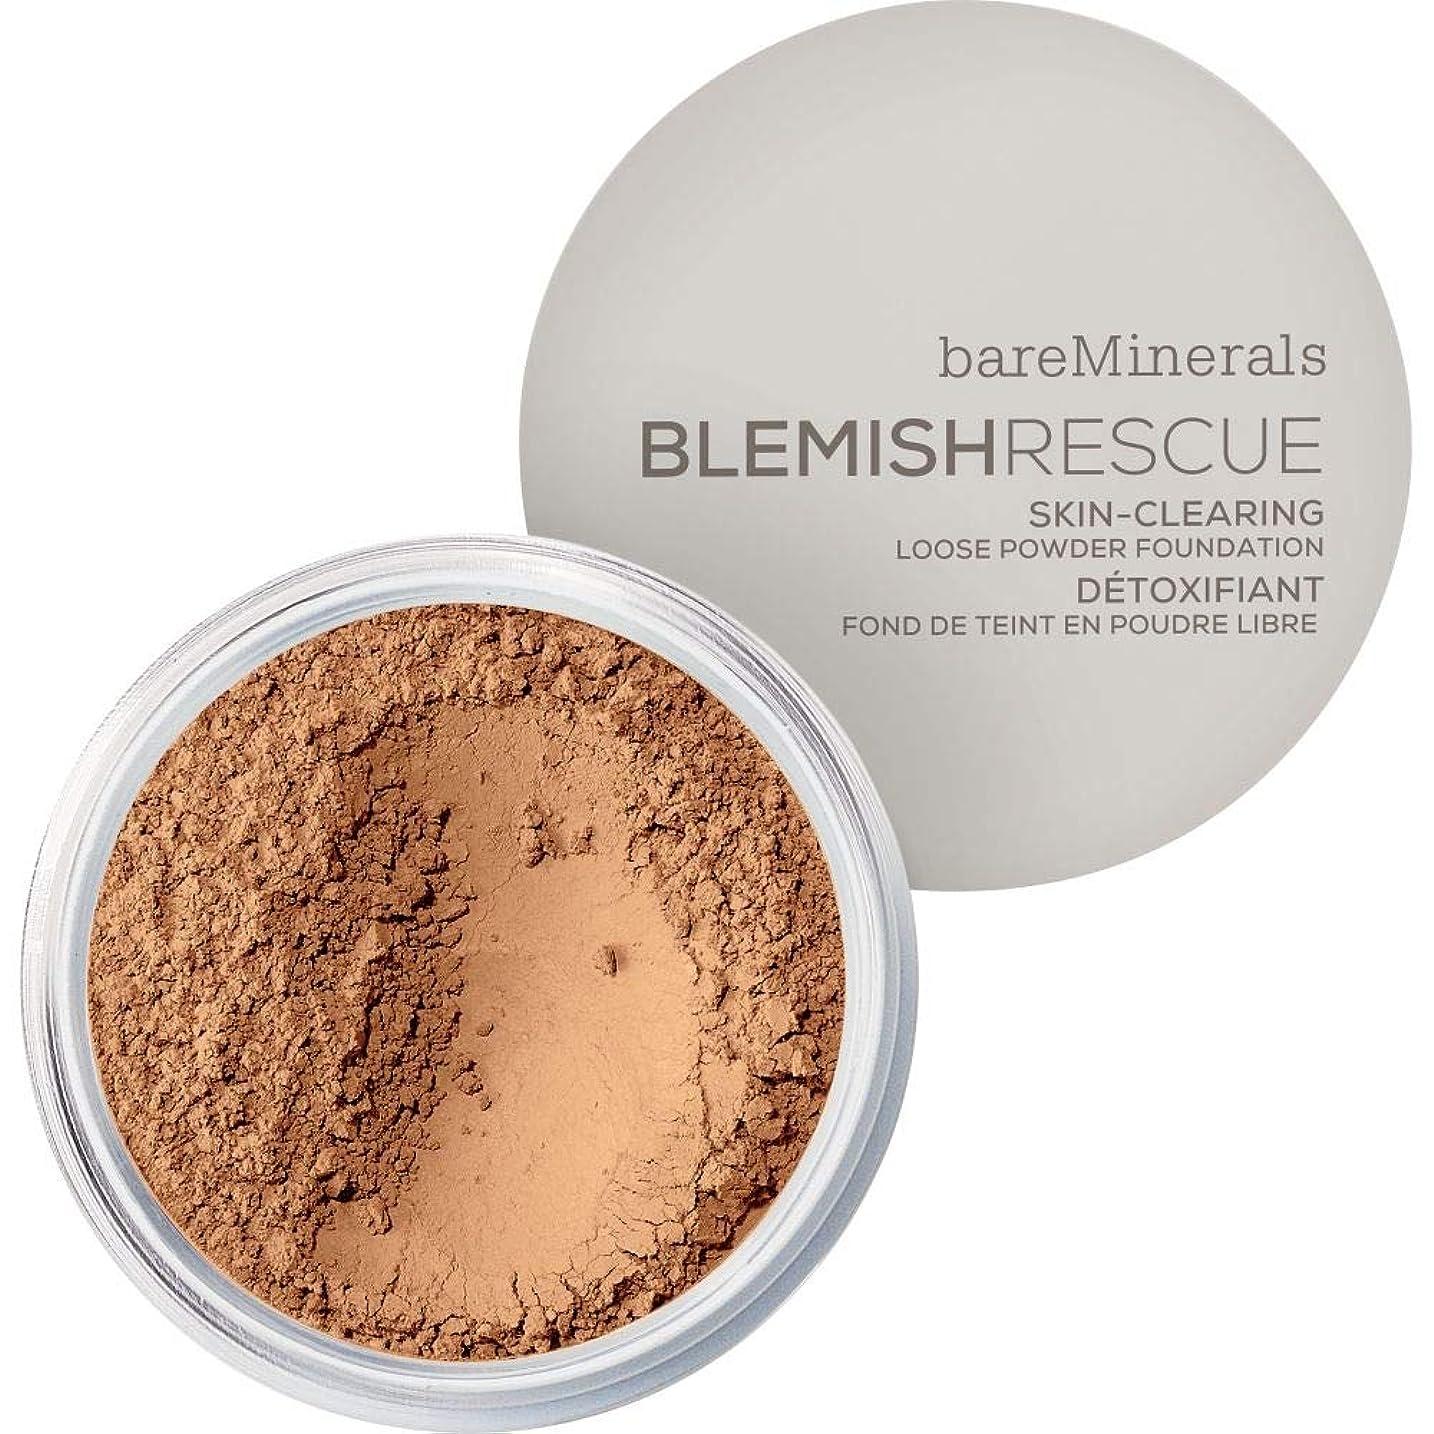 カール険しい悪の[bareMinerals ] ベアミネラル傷レスキュースキンクリア緩いパウダーファンデーションの6グラムの4N - 中立たん - bareMinerals Blemish Rescue Skin-Clearing Loose Powder Foundation 6g 4N - Neutral Tan [並行輸入品]